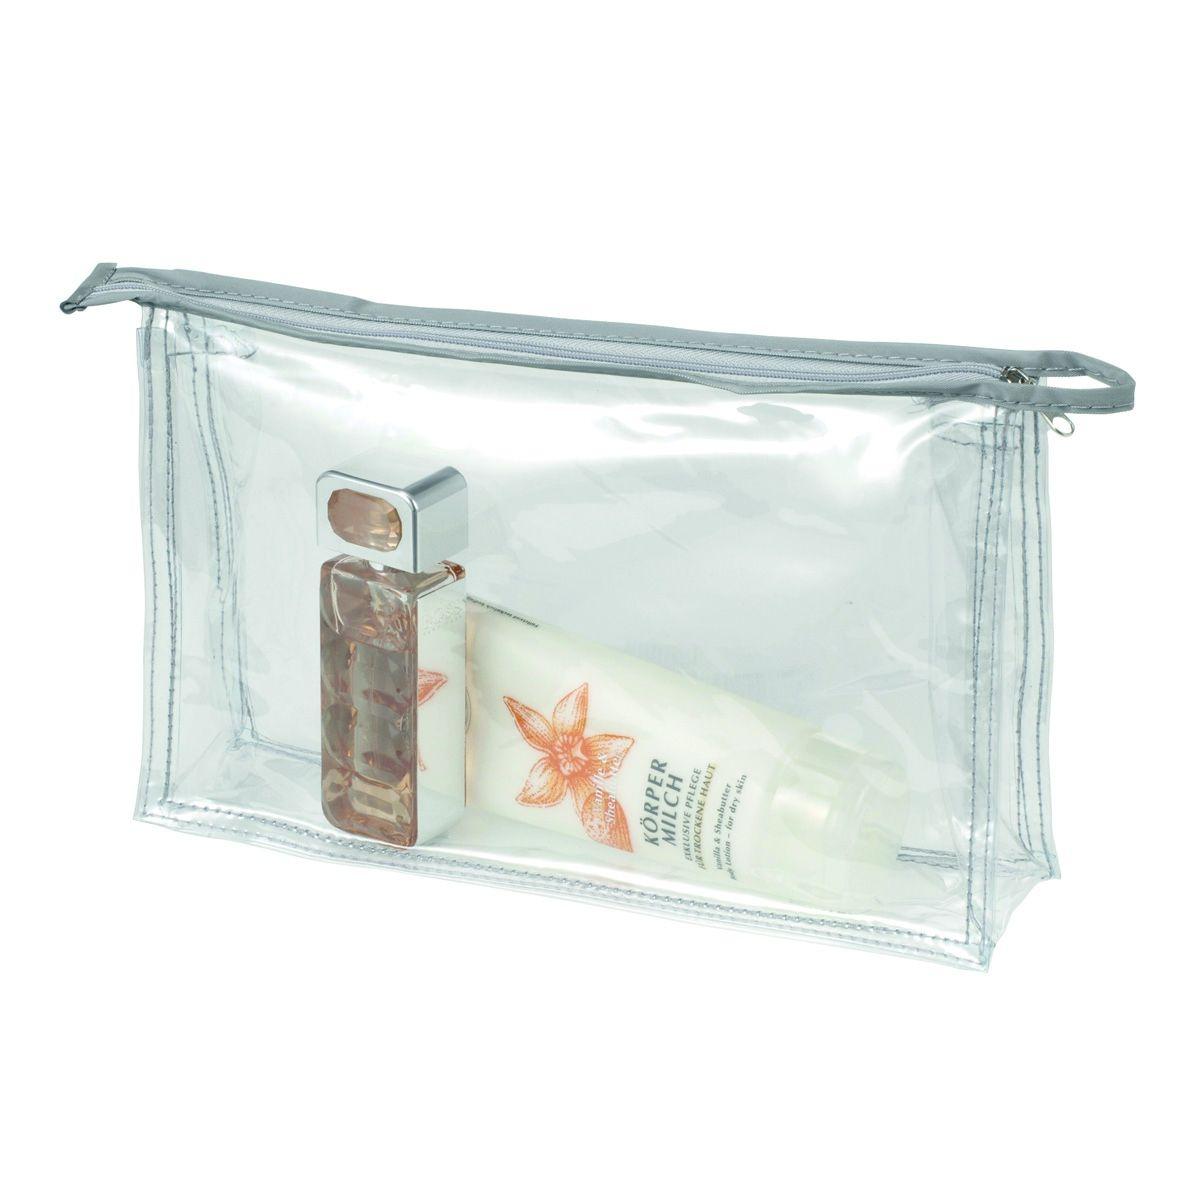 Trousse De Toilette Ou Maquillage Zippée Transparente intérieur Trousse De Toilette Cabine Avion